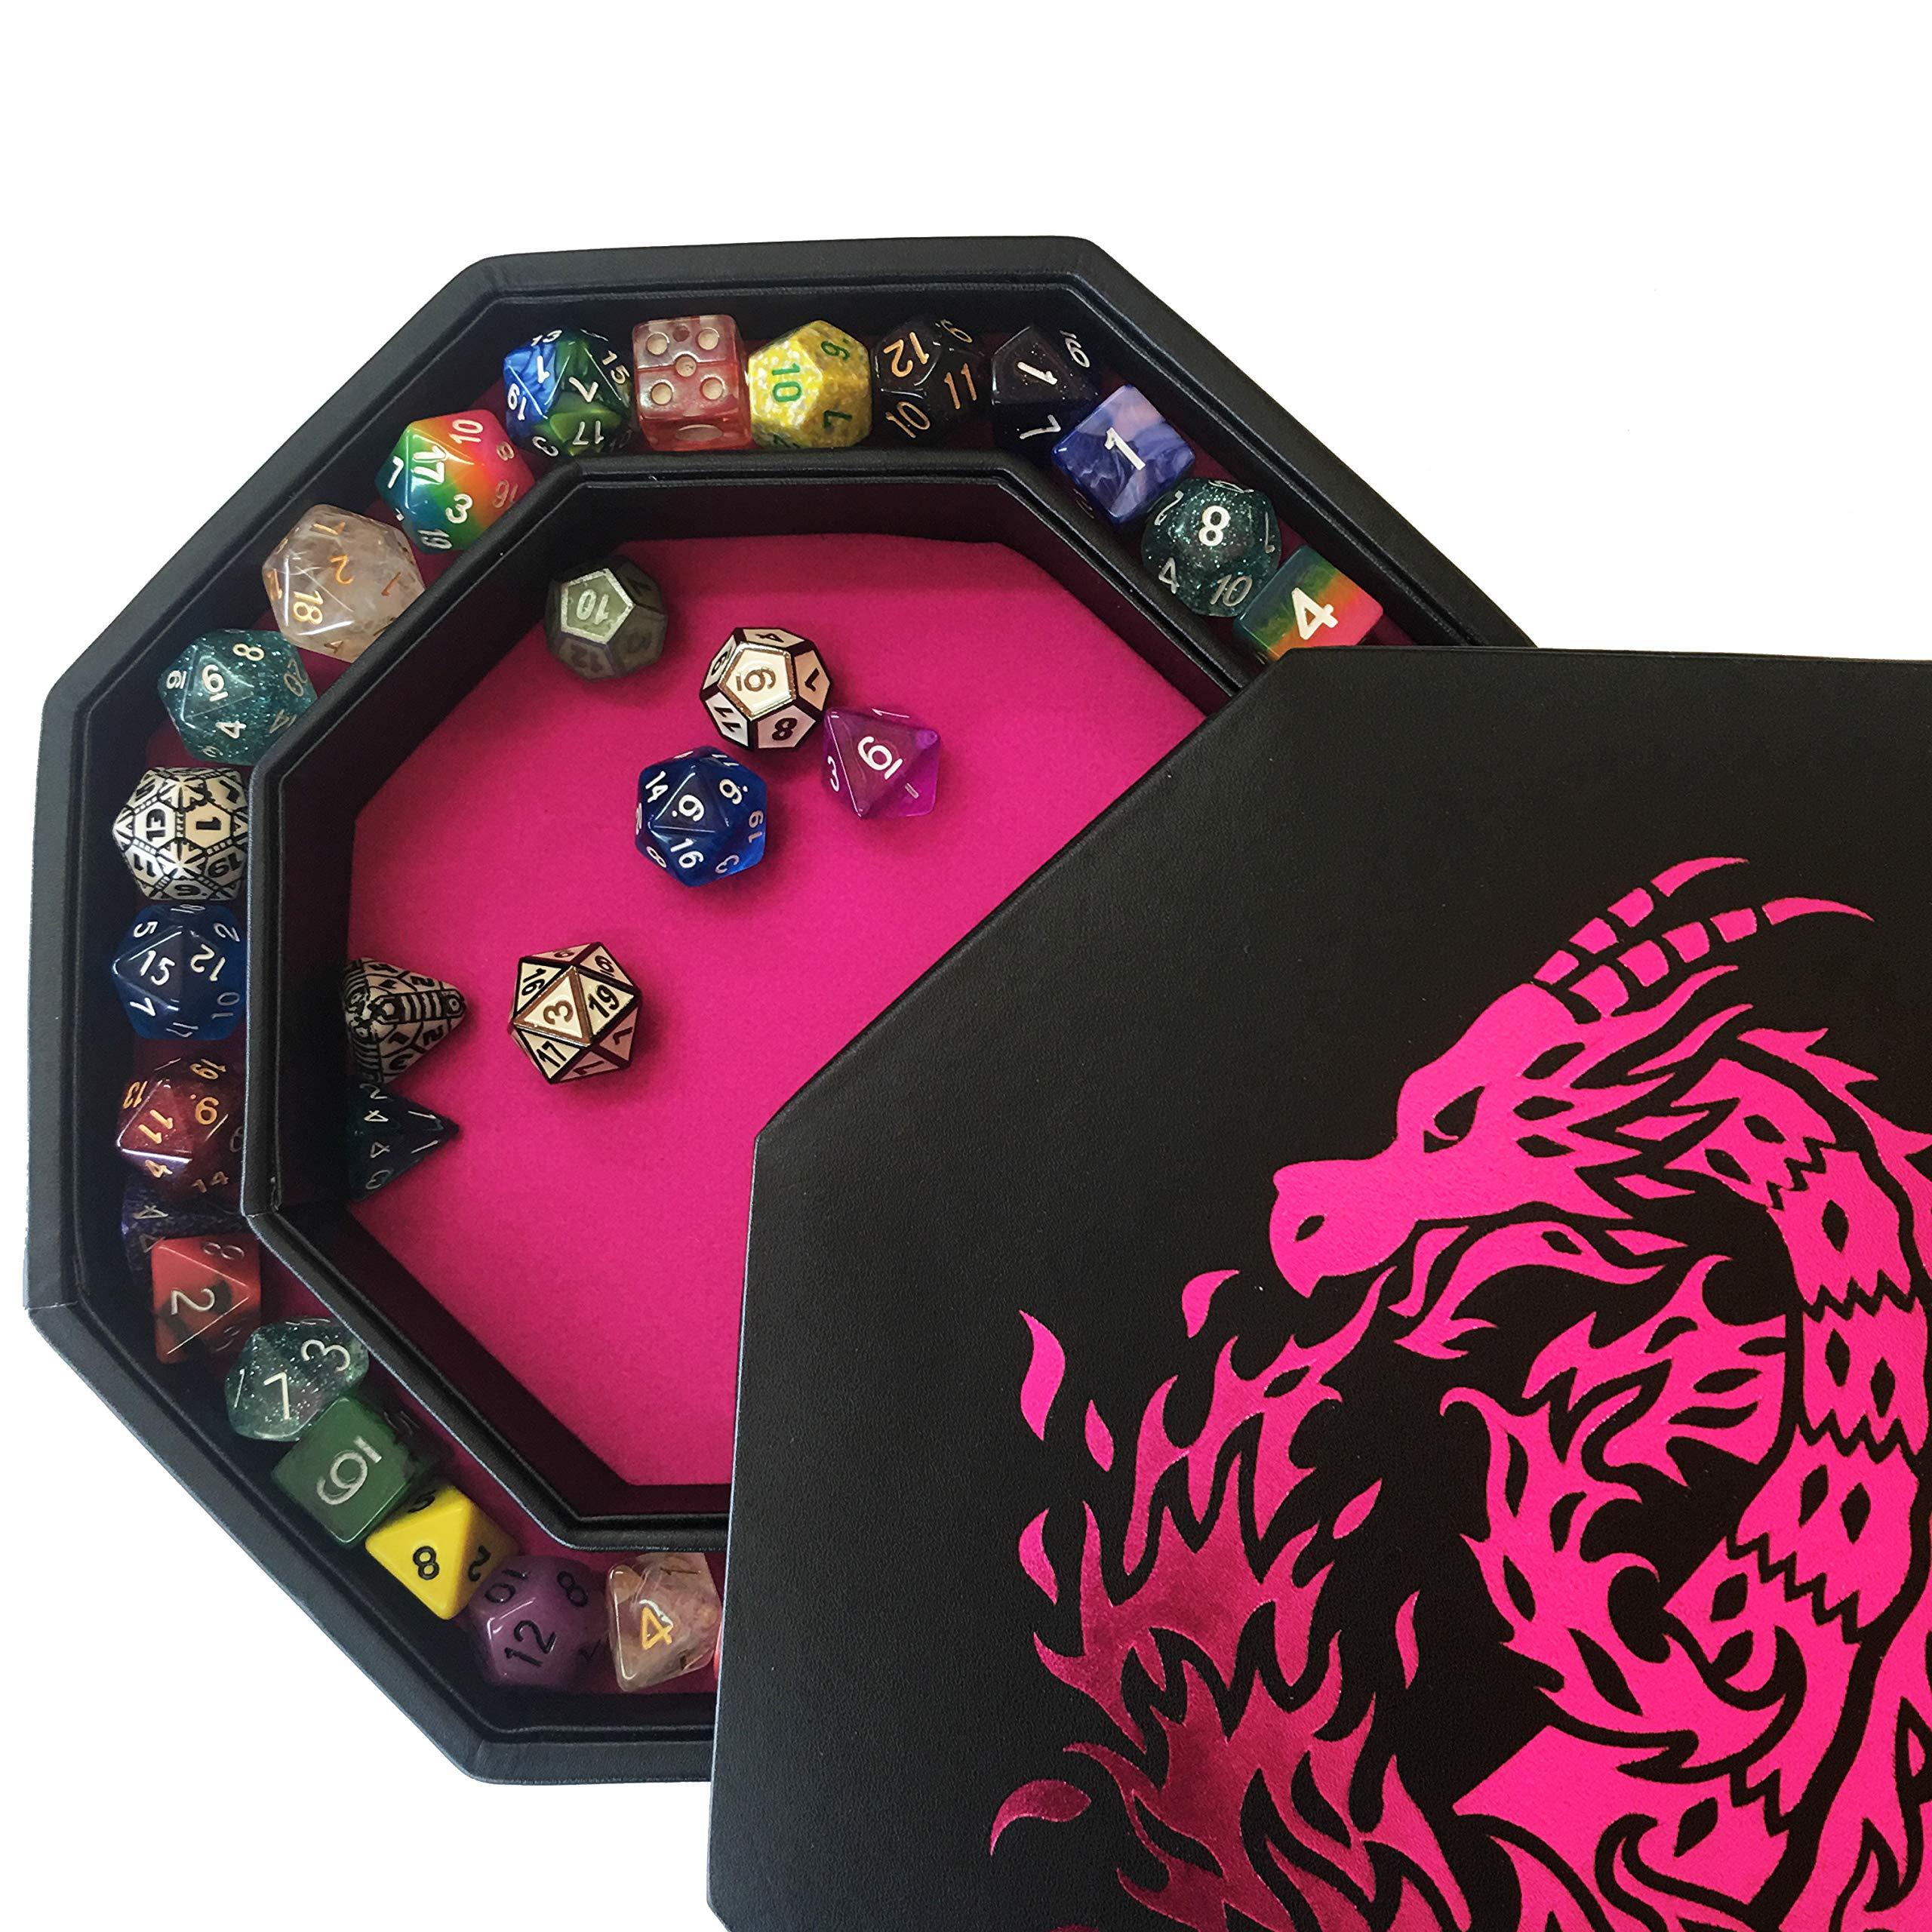 Fantasydice – Rosa – Fire Dragon – Bandeja de dados – 8 pulgadas octágono con tapa y dados – Capacidad para